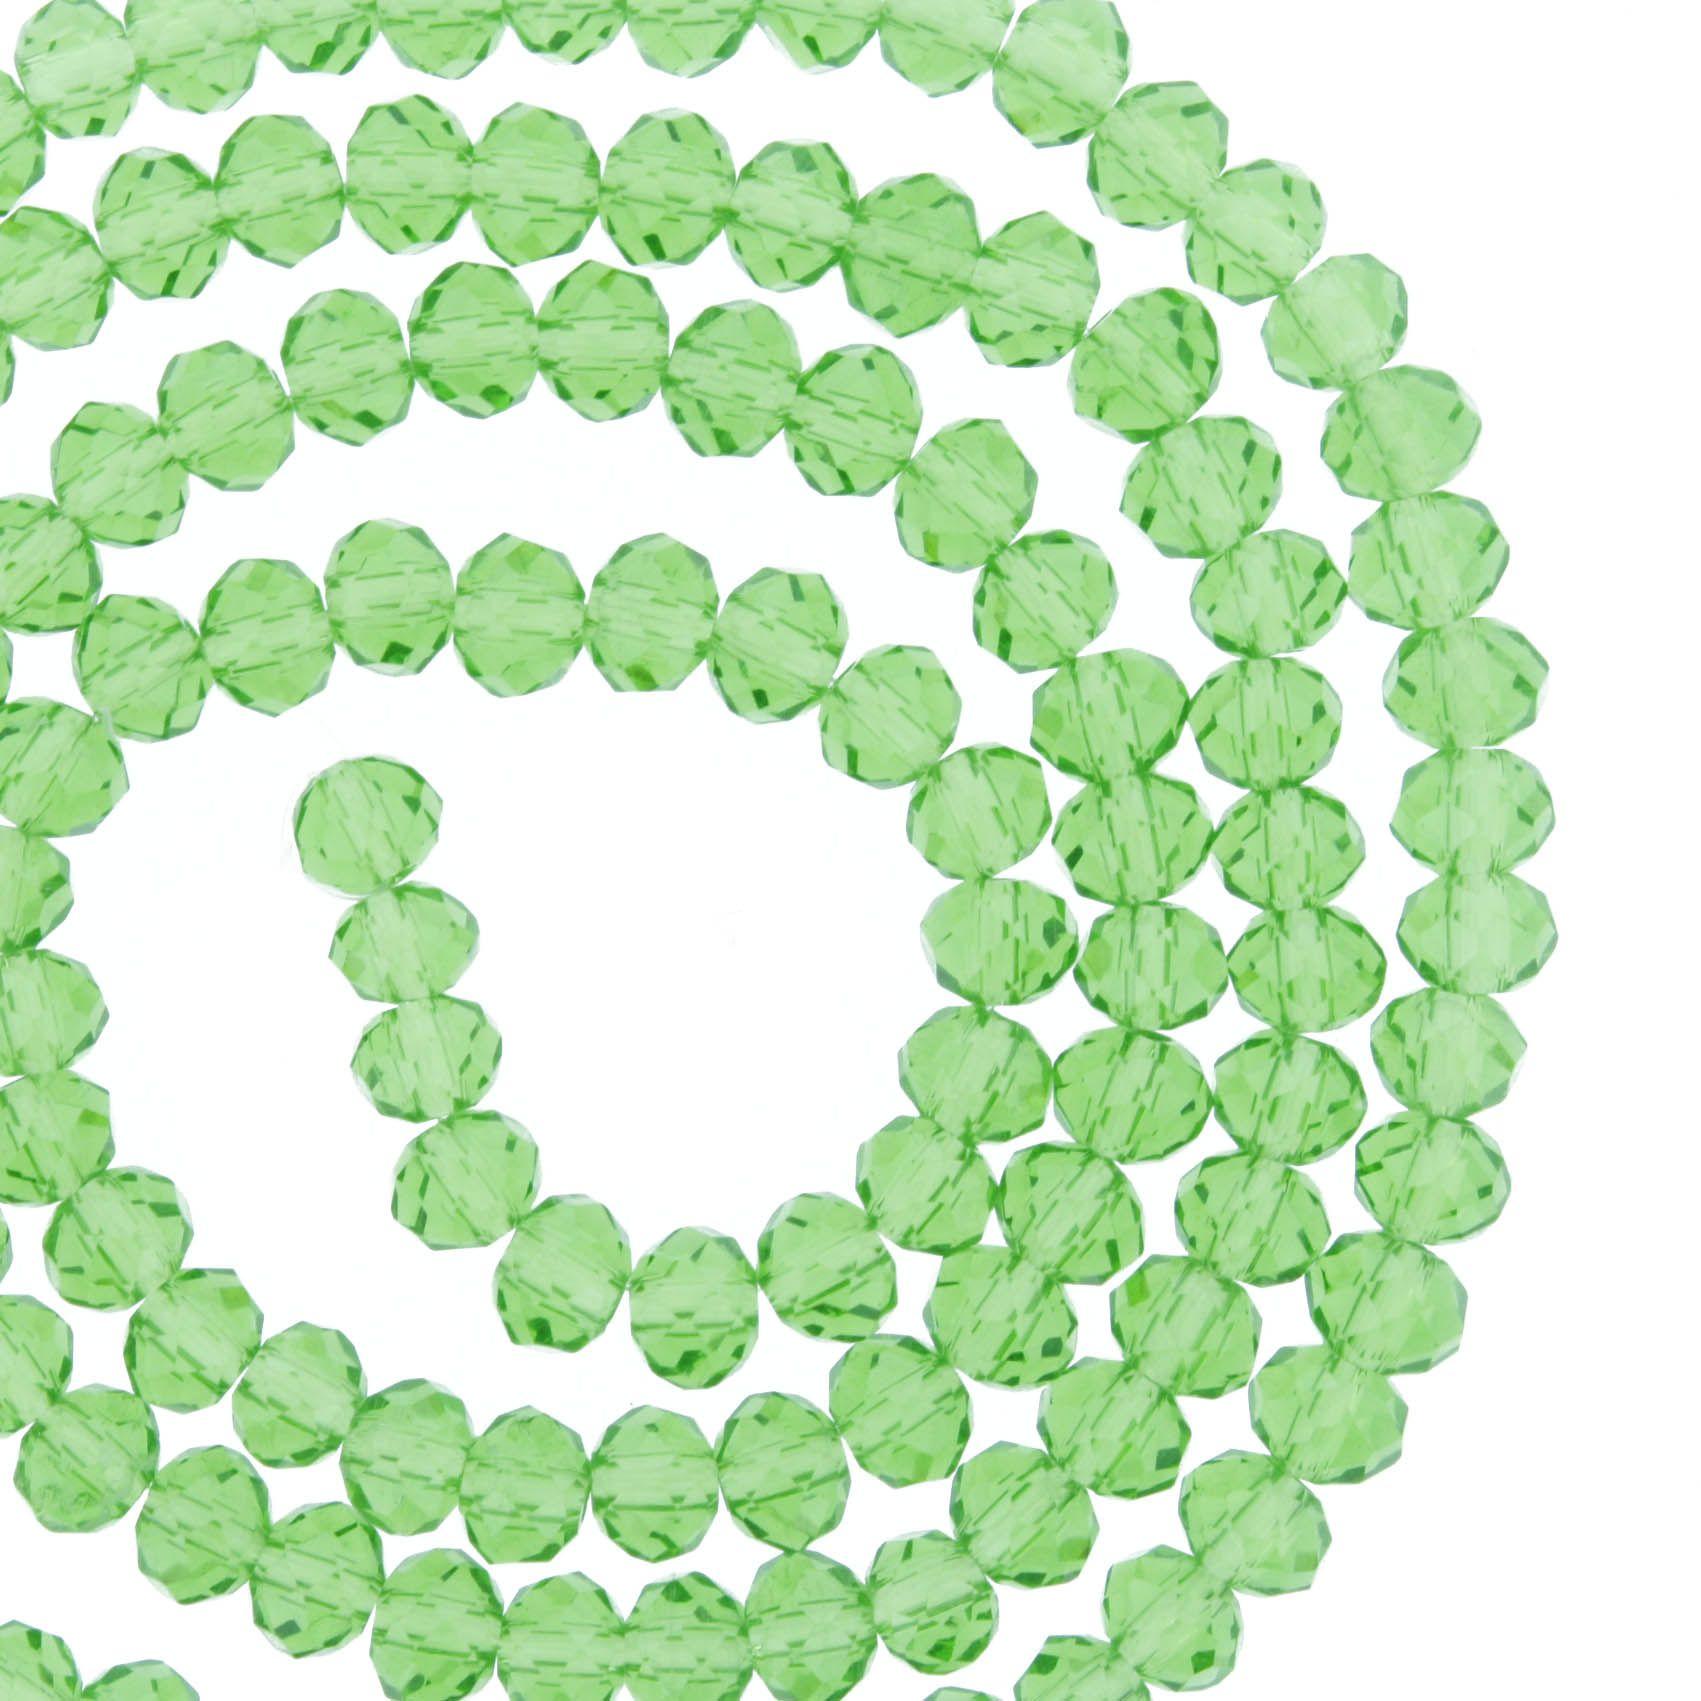 Fio de Cristal - Piatto® - Verde Claro Transparente - 4mm  - Universo Religioso® - Artigos de Umbanda e Candomblé